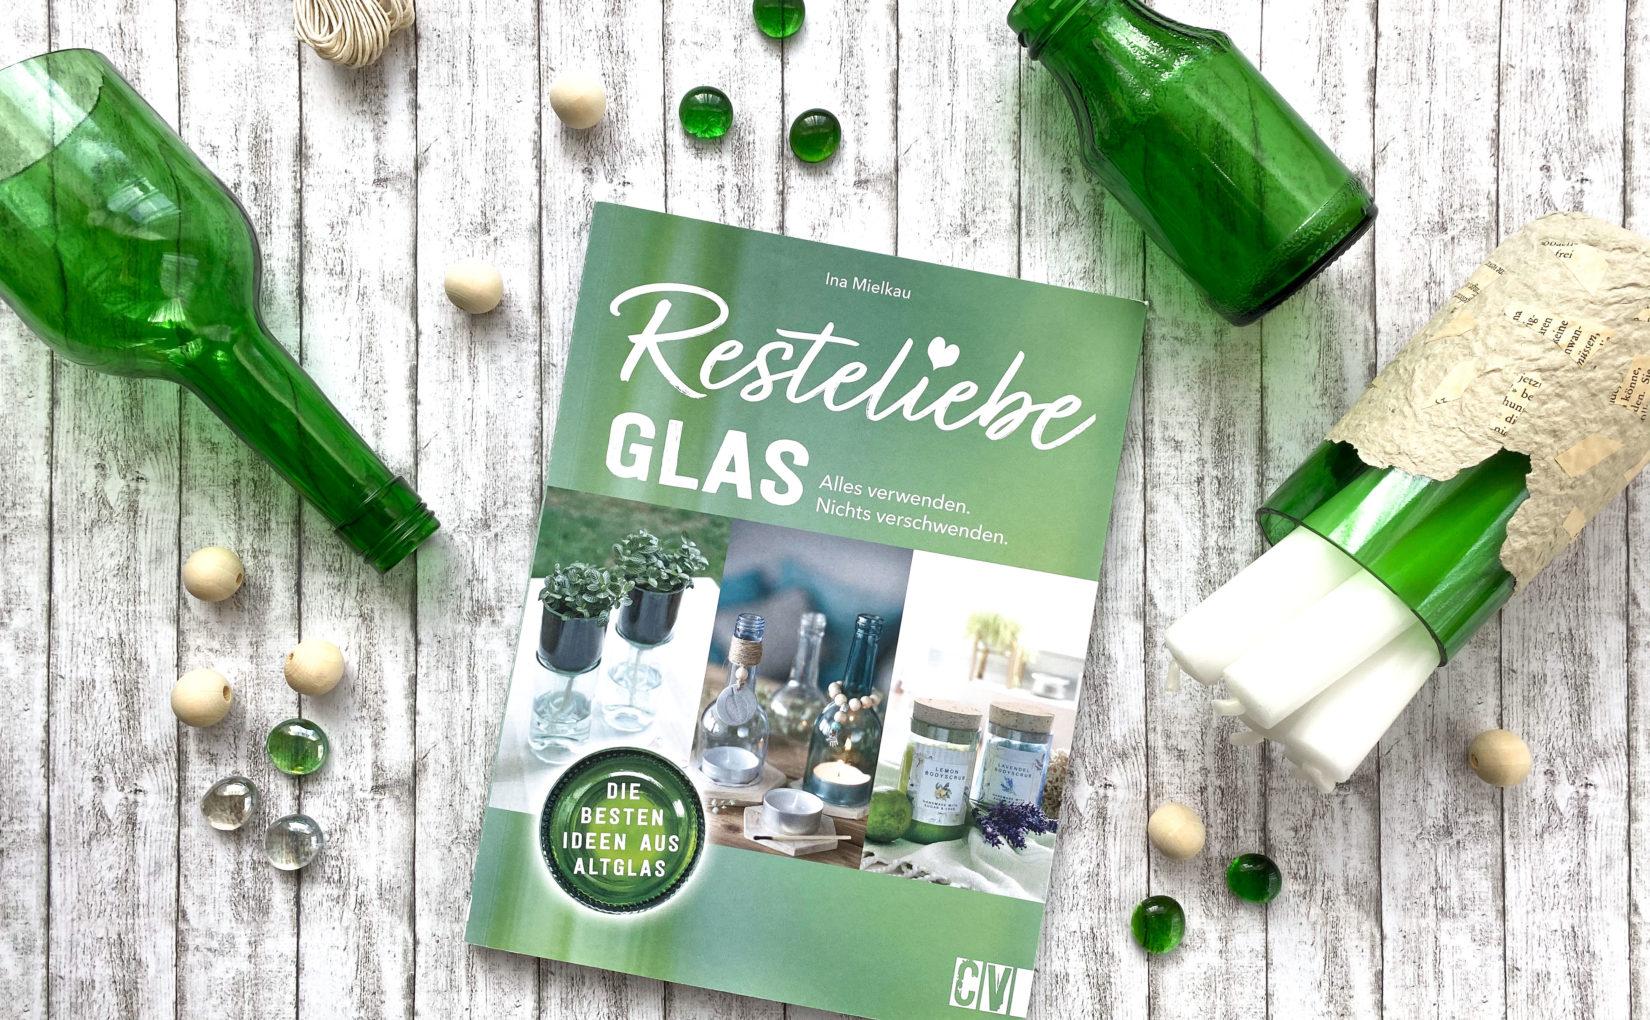 Resteliebe Glas